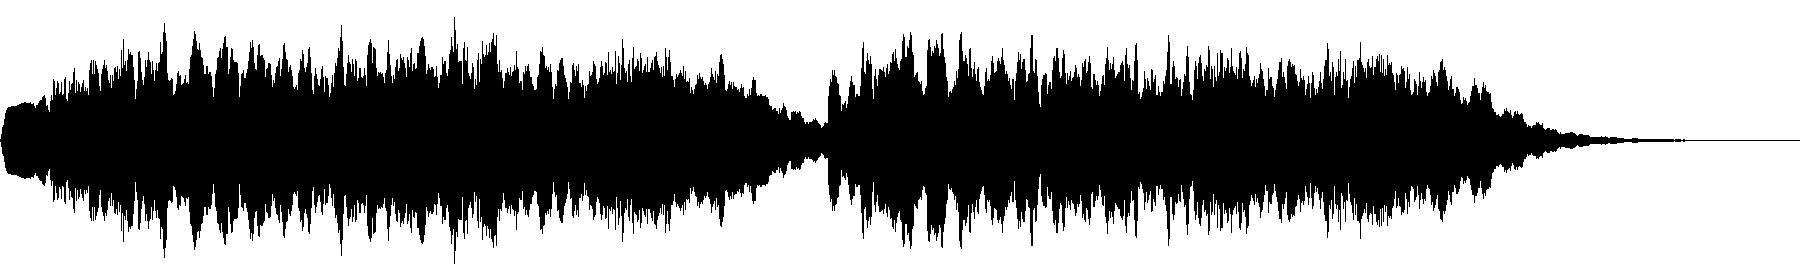 vocal hazy